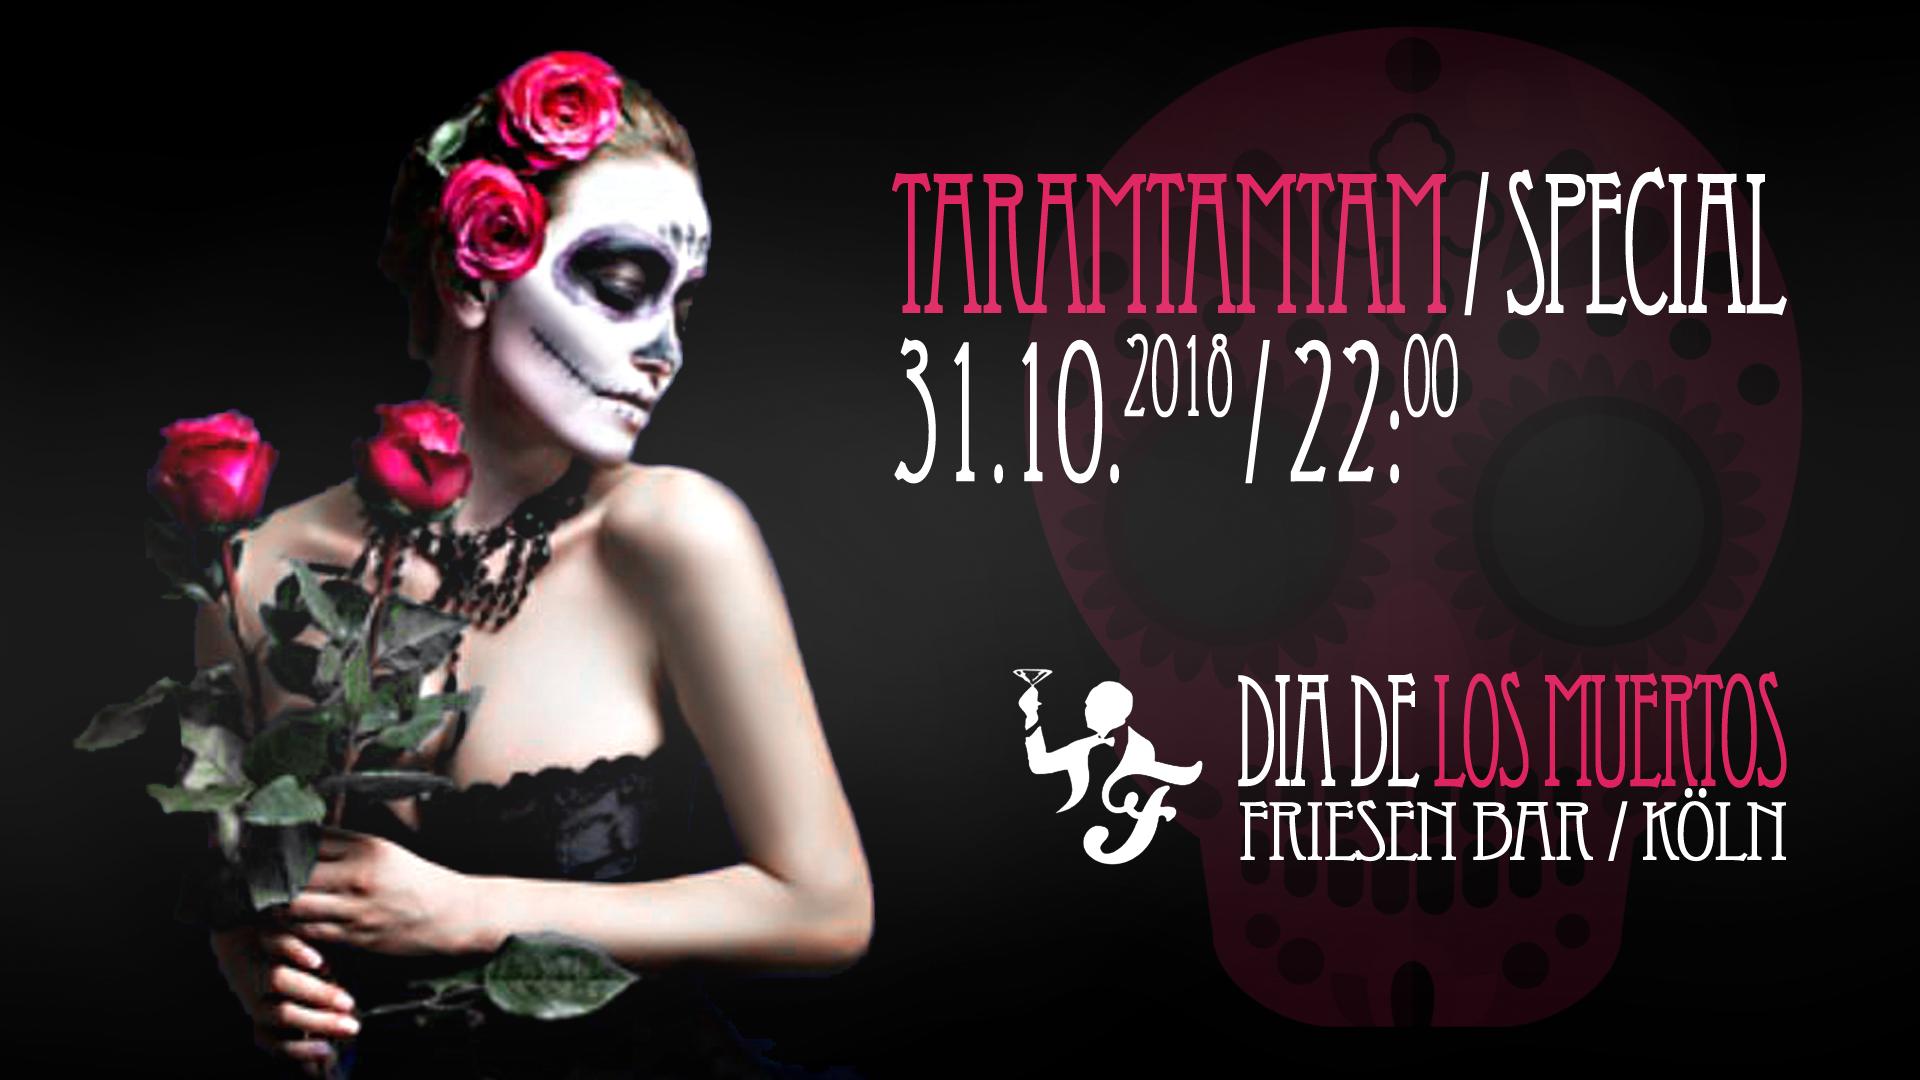 Taramtamtam special - Dia de los Muertos - Eventflyer 31.10.2018 - Friesen Bar - Köln